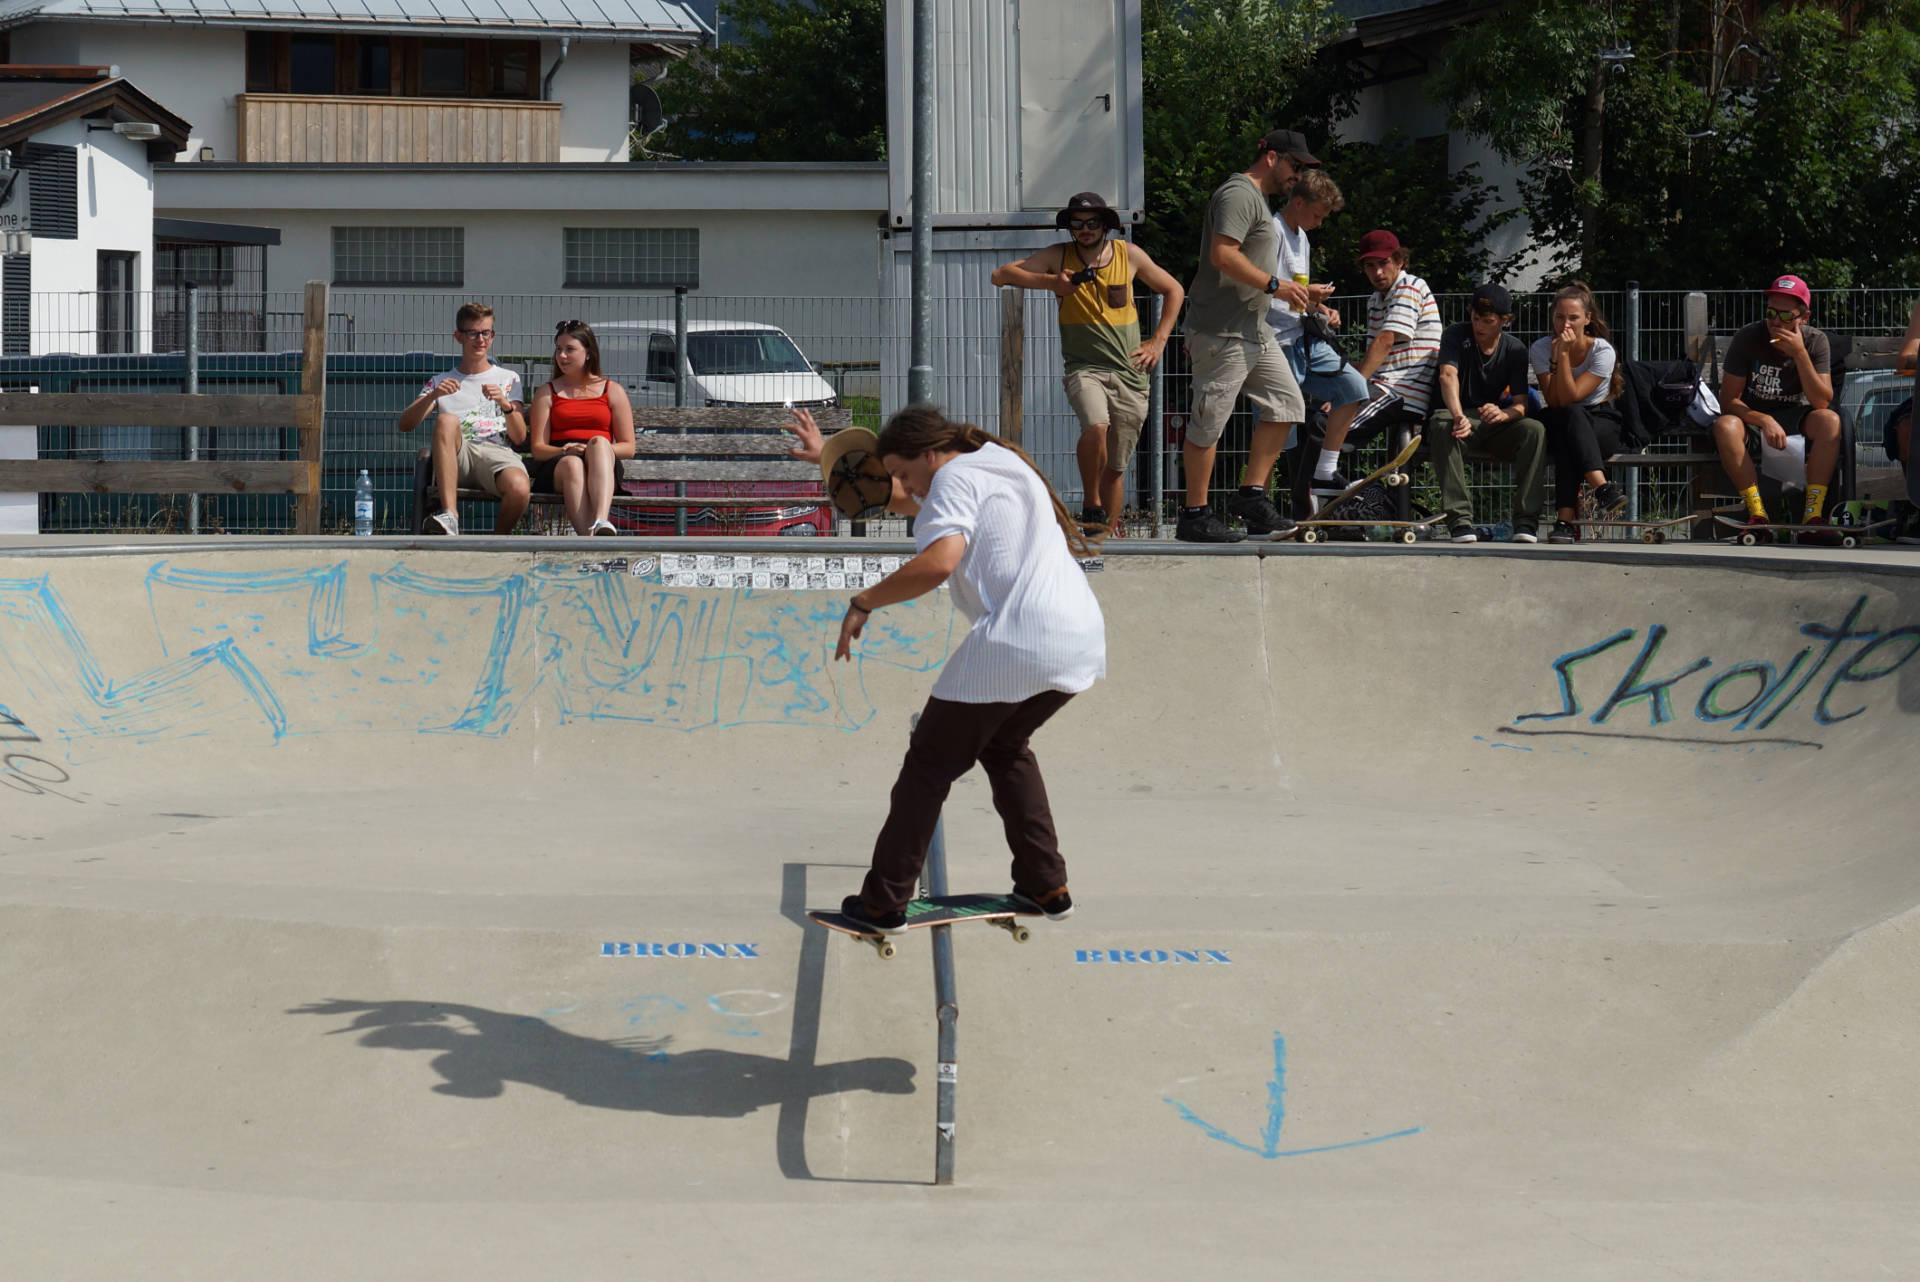 skateboardheadz st johann in tirol kgt 2019 finale 00051